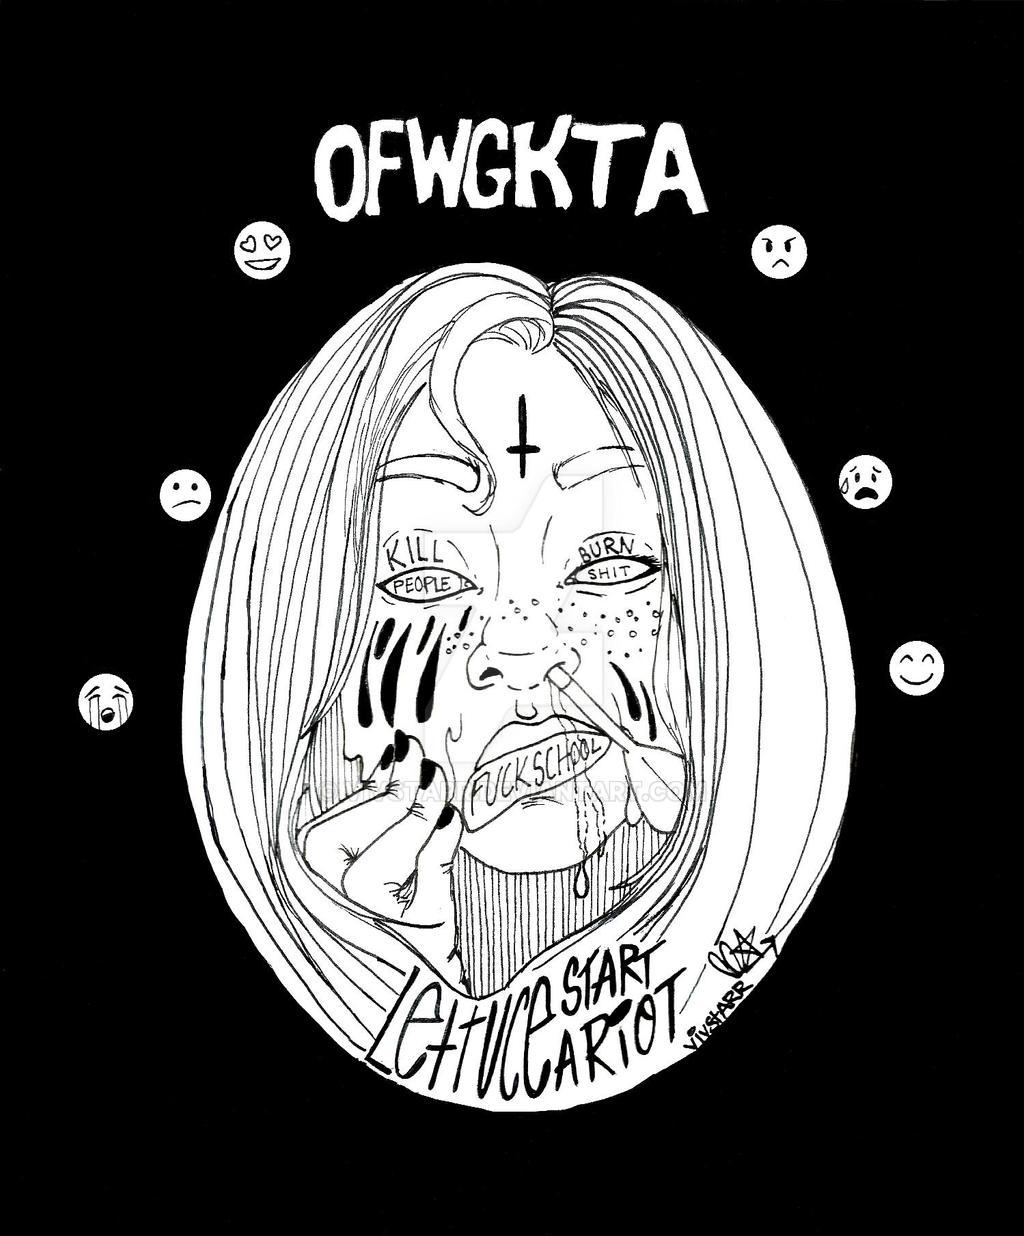 Ofwgkta lettucestartariot by vivstarr on deviantart - Ofwgkta reddit ...